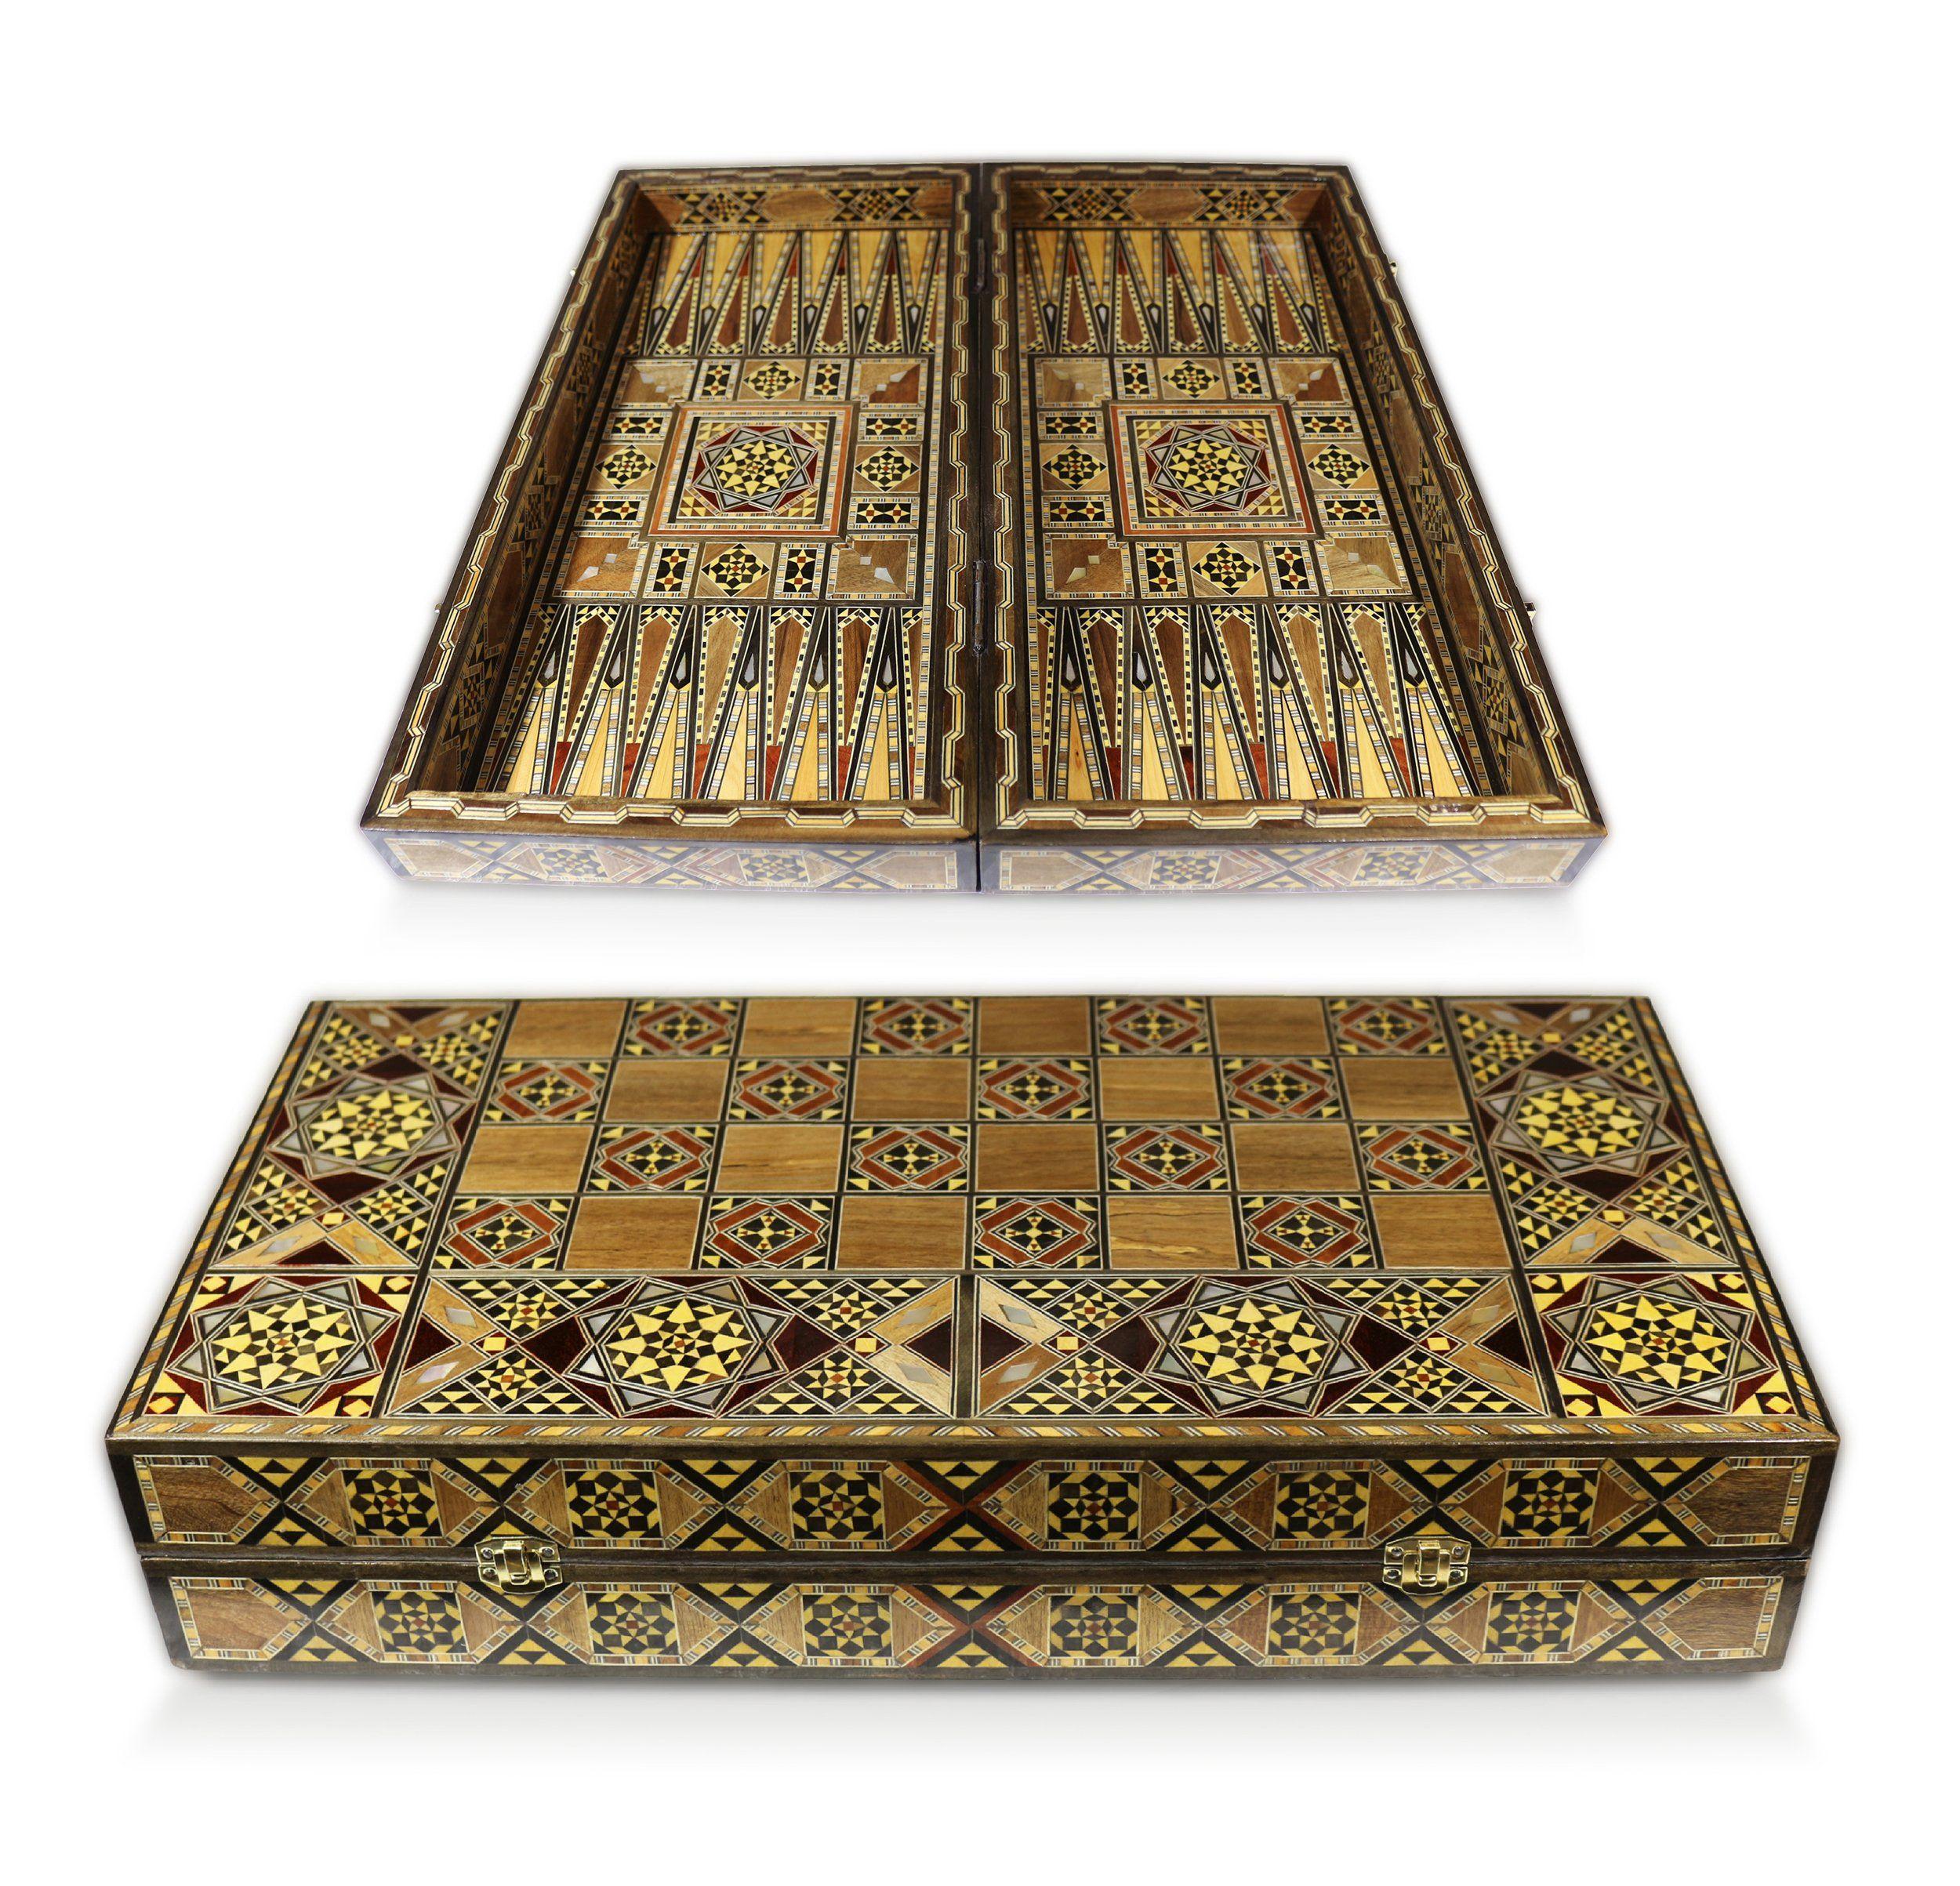 Orientalische Box aus Holz,Aufbewahrung von Andenken,für Papiertücher,Servietten